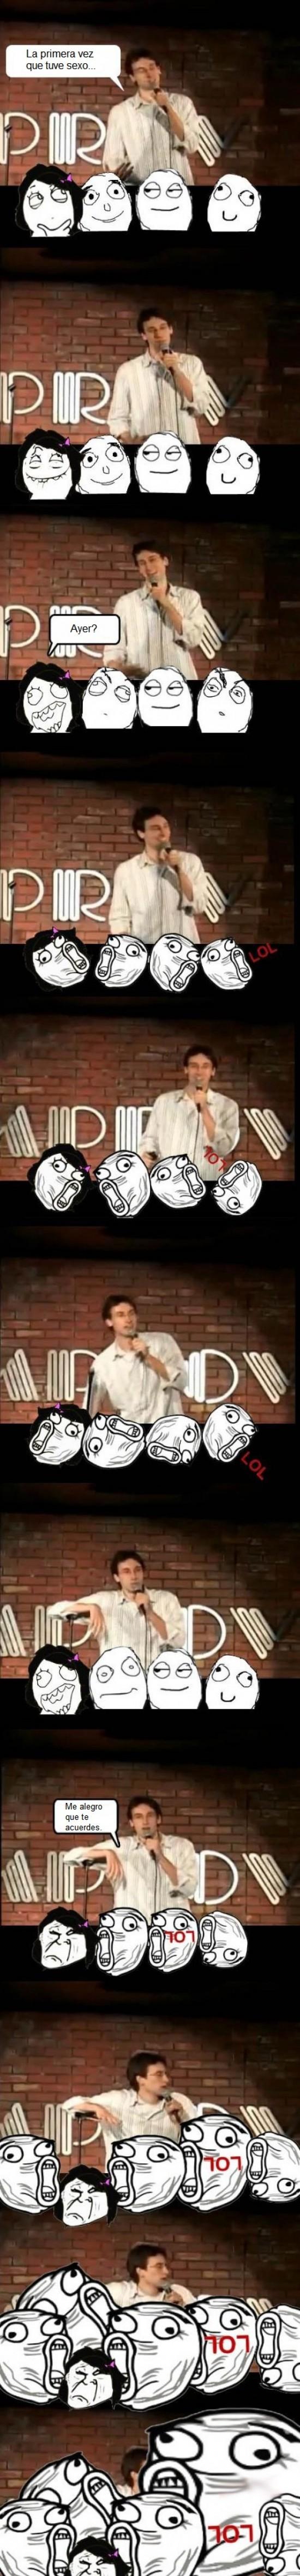 chica,comedia,comico,lol,monologuista,primera,stand-up,trolleada,vez